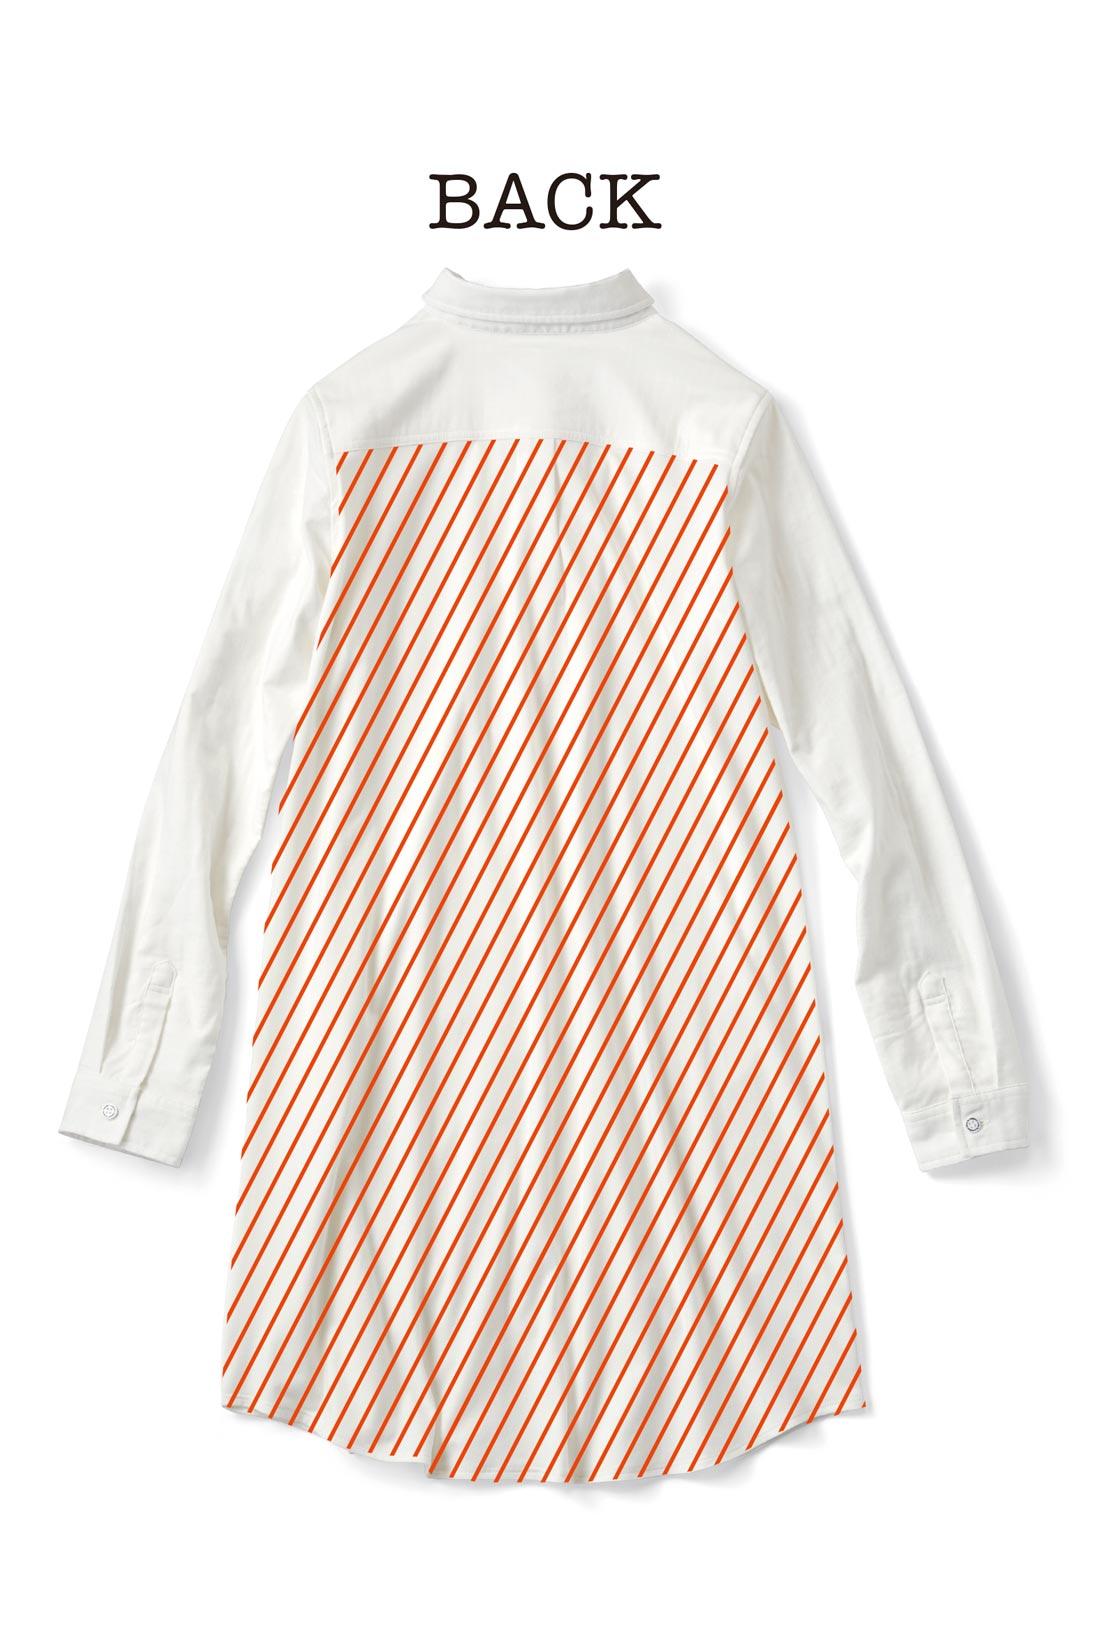 実は、伸びるダブルガーゼとカットソーを使用した究極のらくちん仕立てです。普通の布はくシャツに見えるけど、前身ごろと袖はストレッチ性の高いダブルガーゼ素材、背中は伸びやかなカットソー素材を使用。ストレスフリーな着心地で、シワが気になりにくいから、ノンアイロンでもOK。 ※お届けするカラーとは異なります。